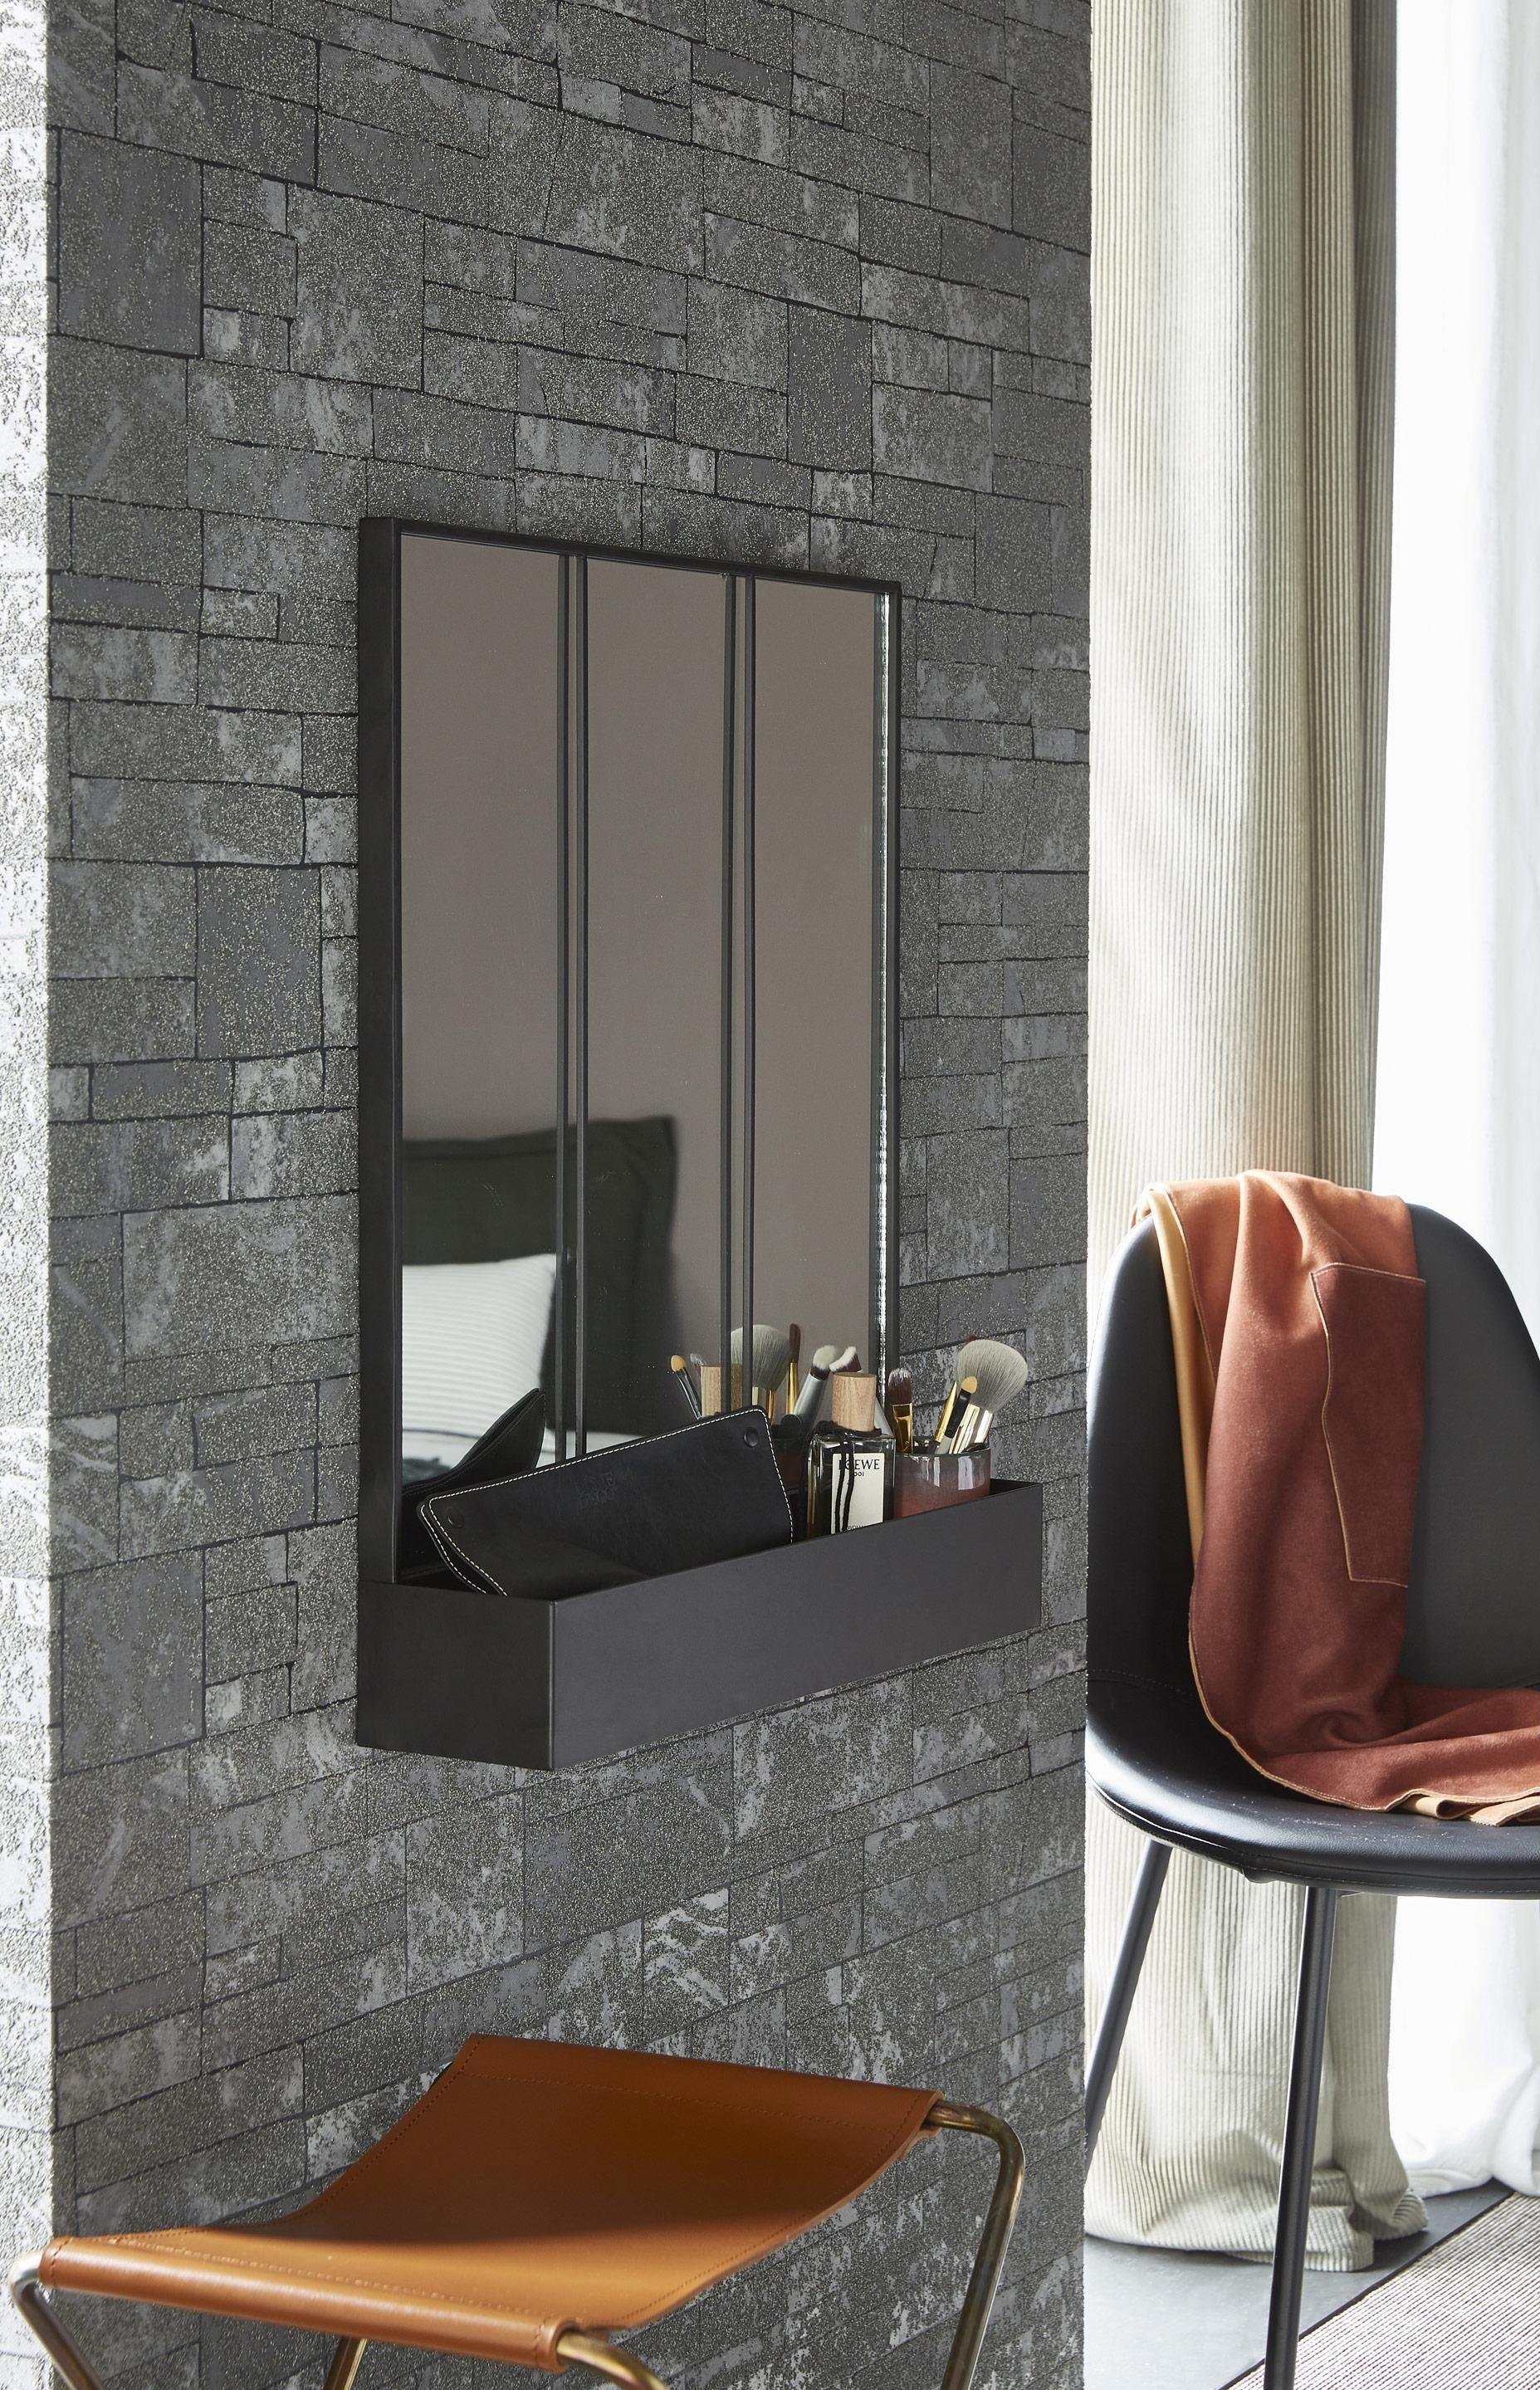 Miroir Rectangulaire Atelier Rangement Noir L 50 X H 60 Cm En 2020 Miroir Rectangulaire Rangement Noir Et Rangement